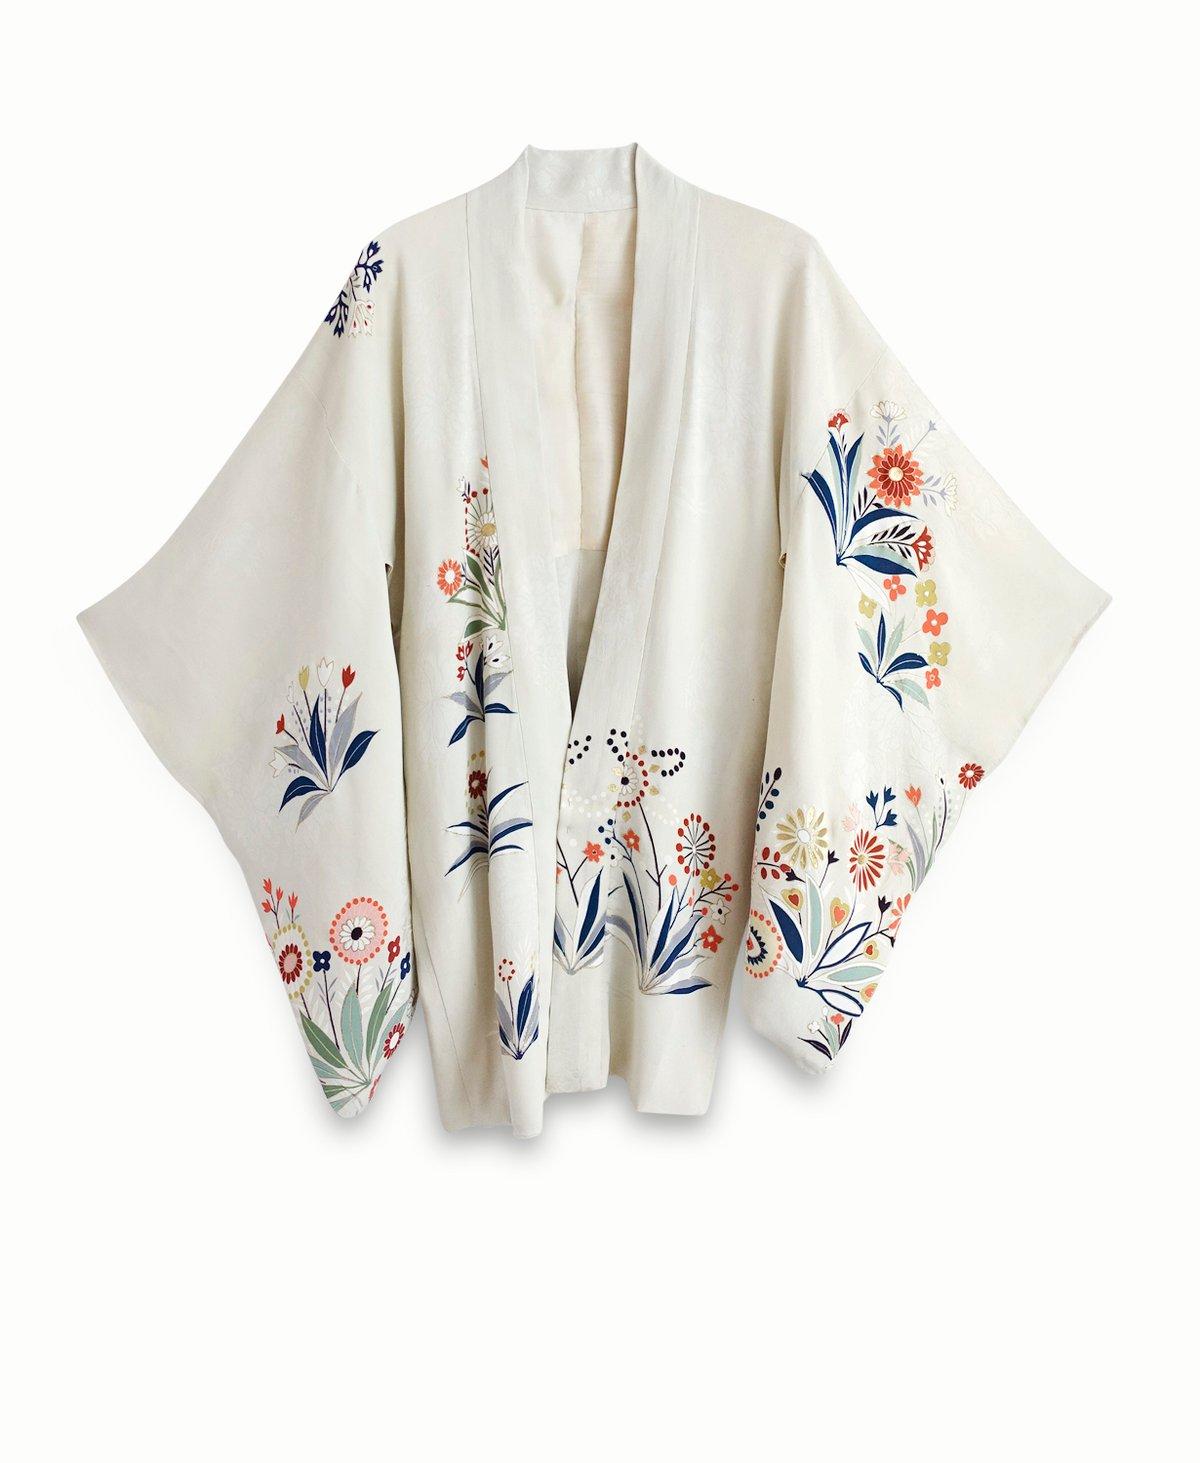 Image of Stenhvid kort kimono af silke m. stilistiske blomster